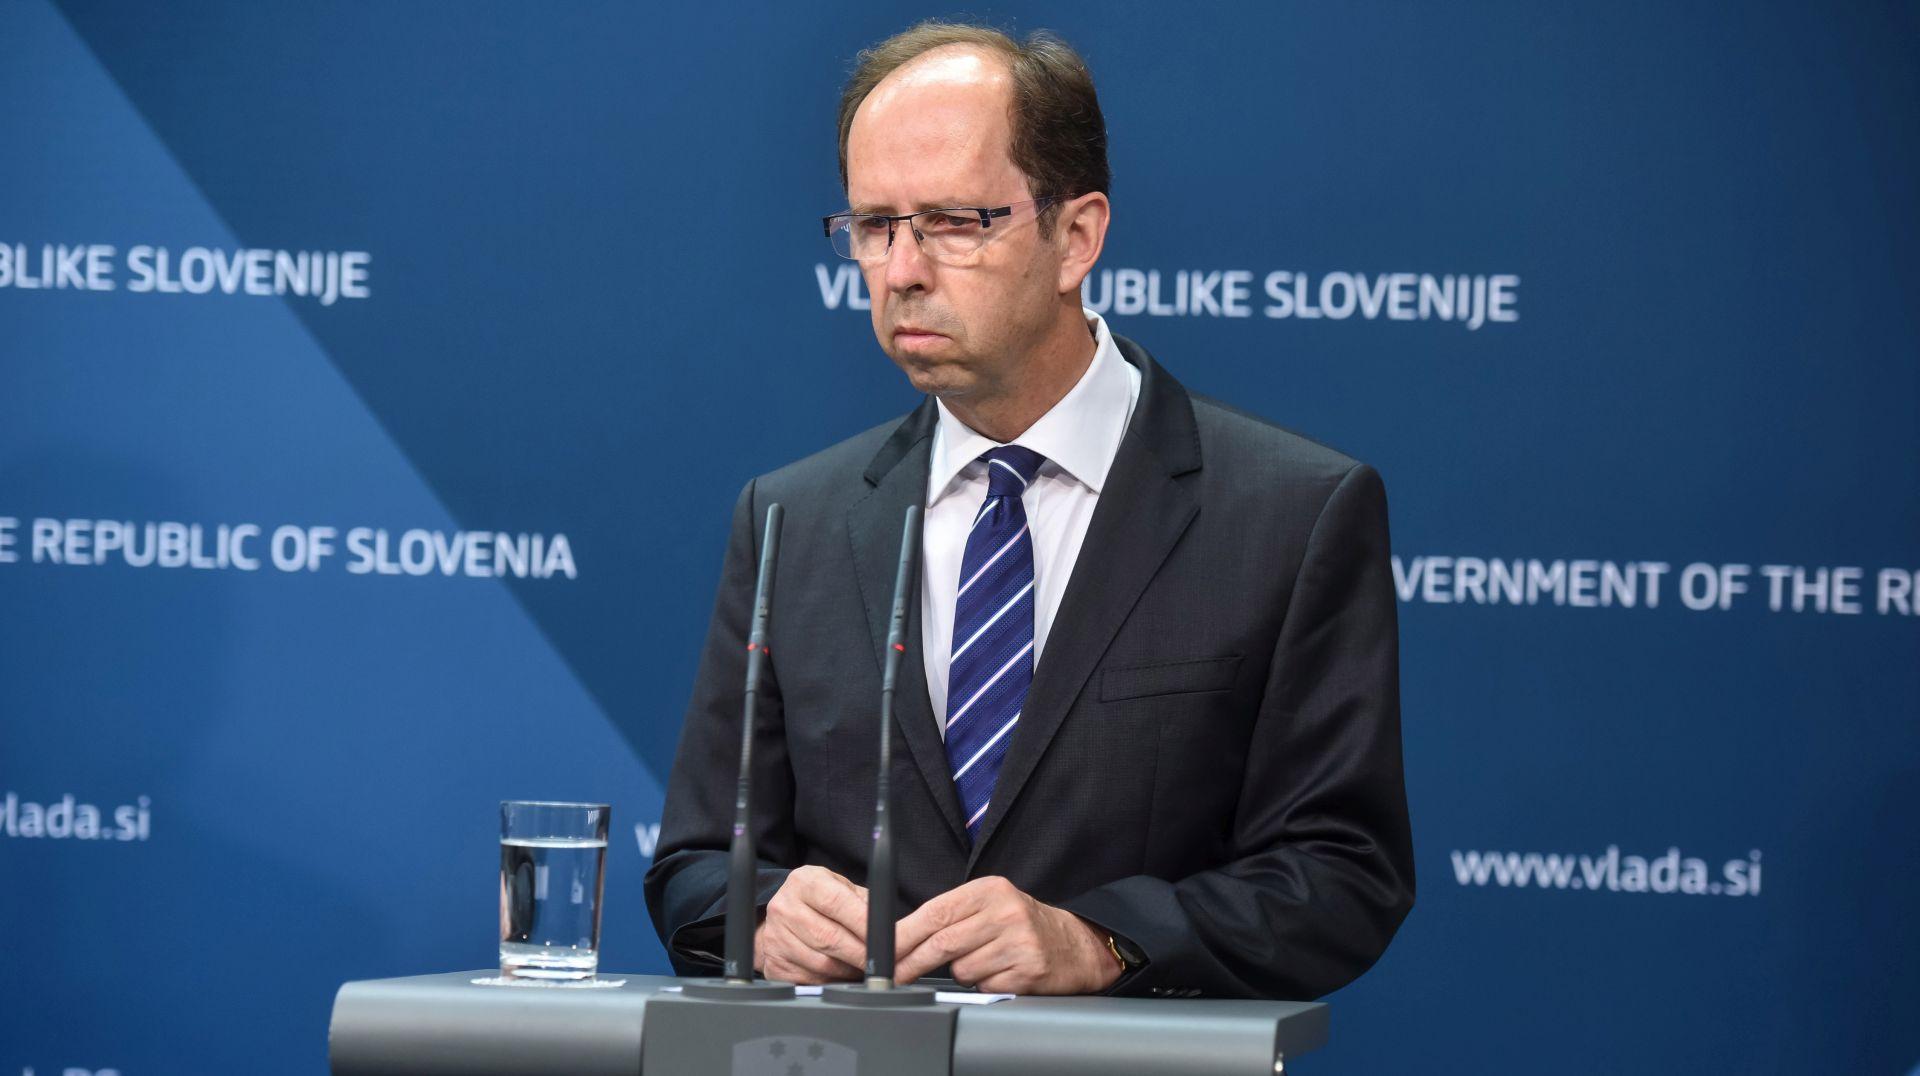 Slovenski parlament potvrdio ostavku ministra financija Mramora